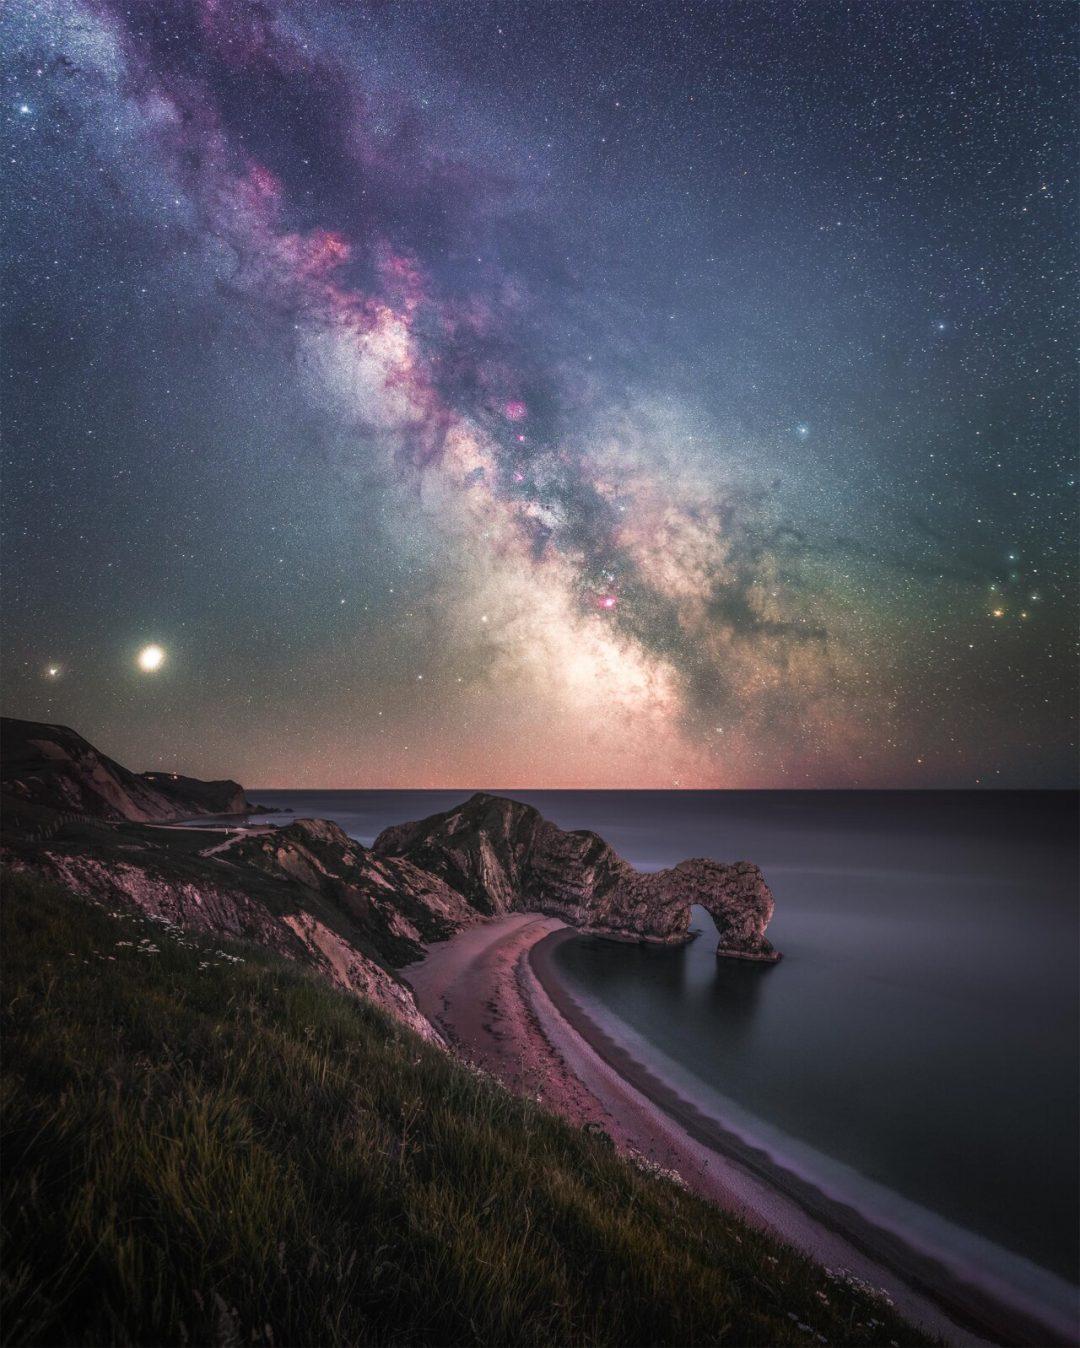 La bellezza dell'universo in una foto: i finalisti dell'Astronomy Photographer of the Year 2021